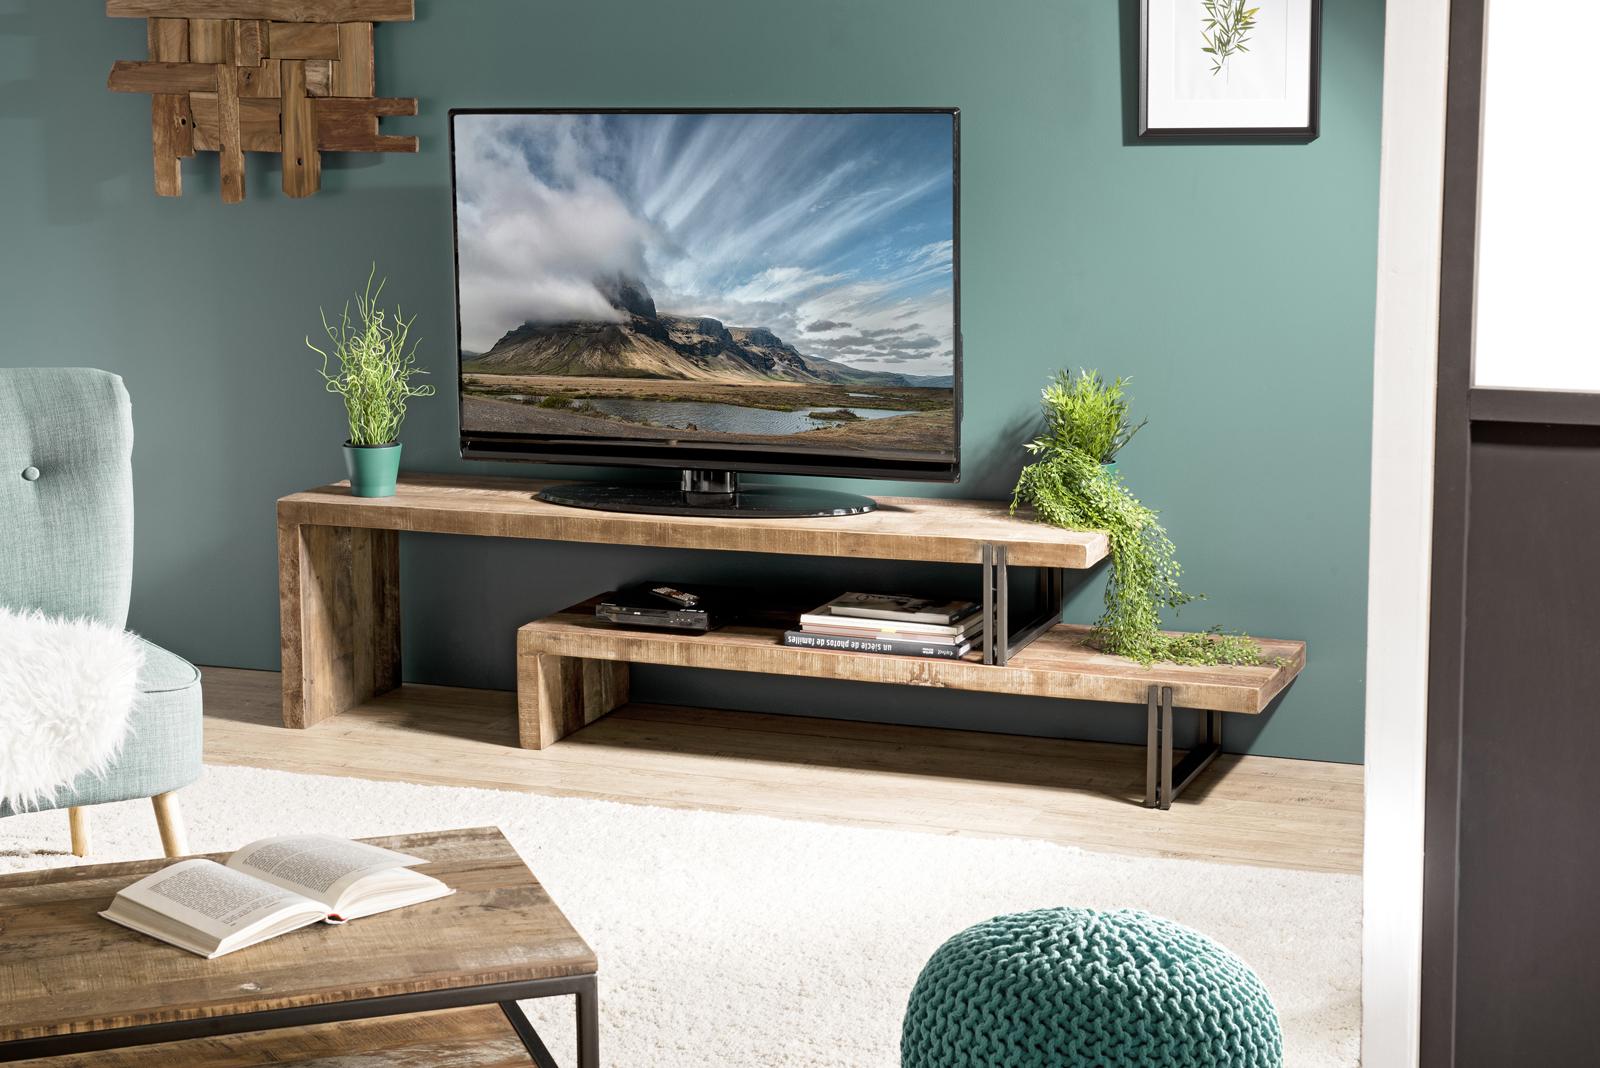 Banc Tv Bois Recycle 2 Niveaux Swing Meubles Tv Pier Import